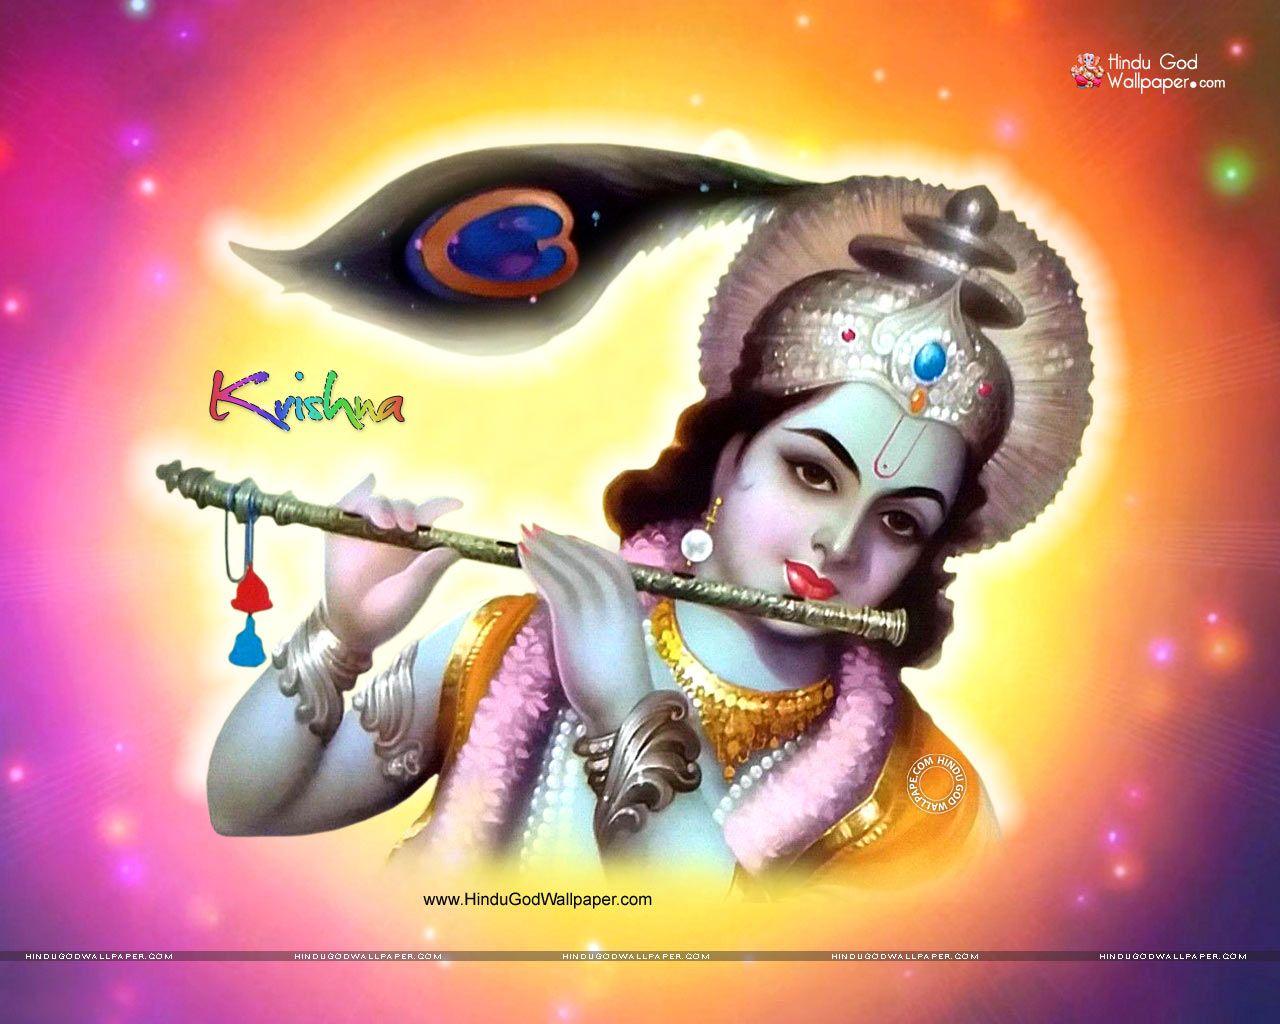 Hd wallpaper krishna download - Lord Krishna Wallpapers 1280x1024